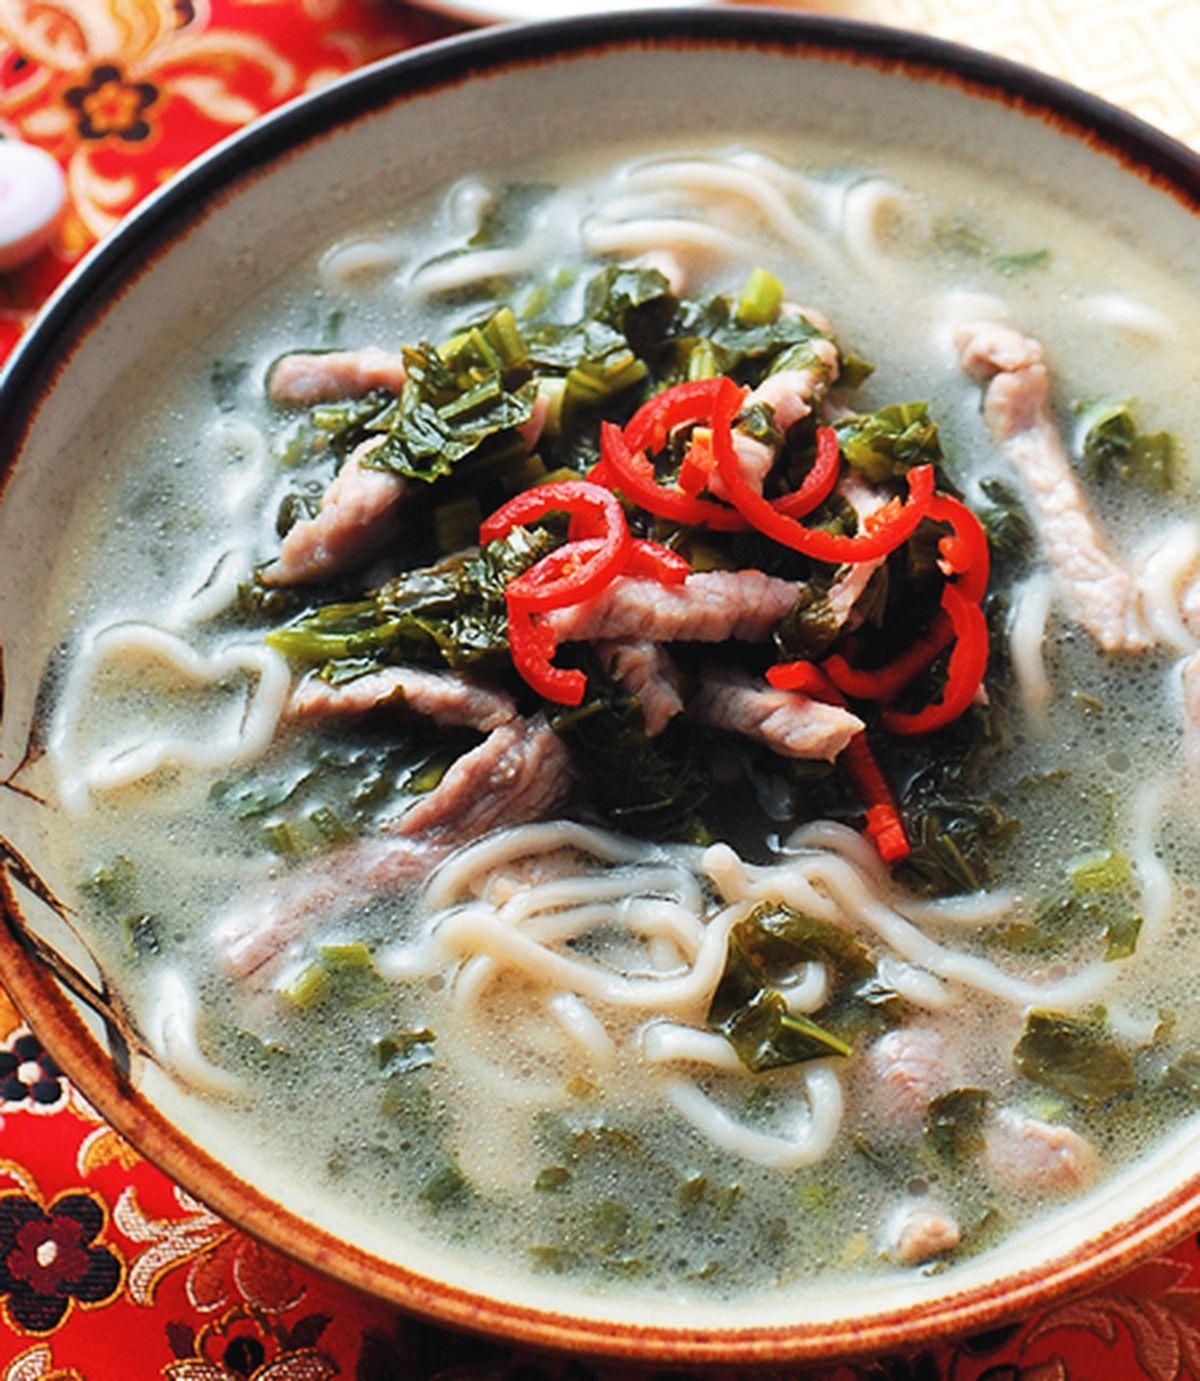 食譜:雪菜肉絲煨麵